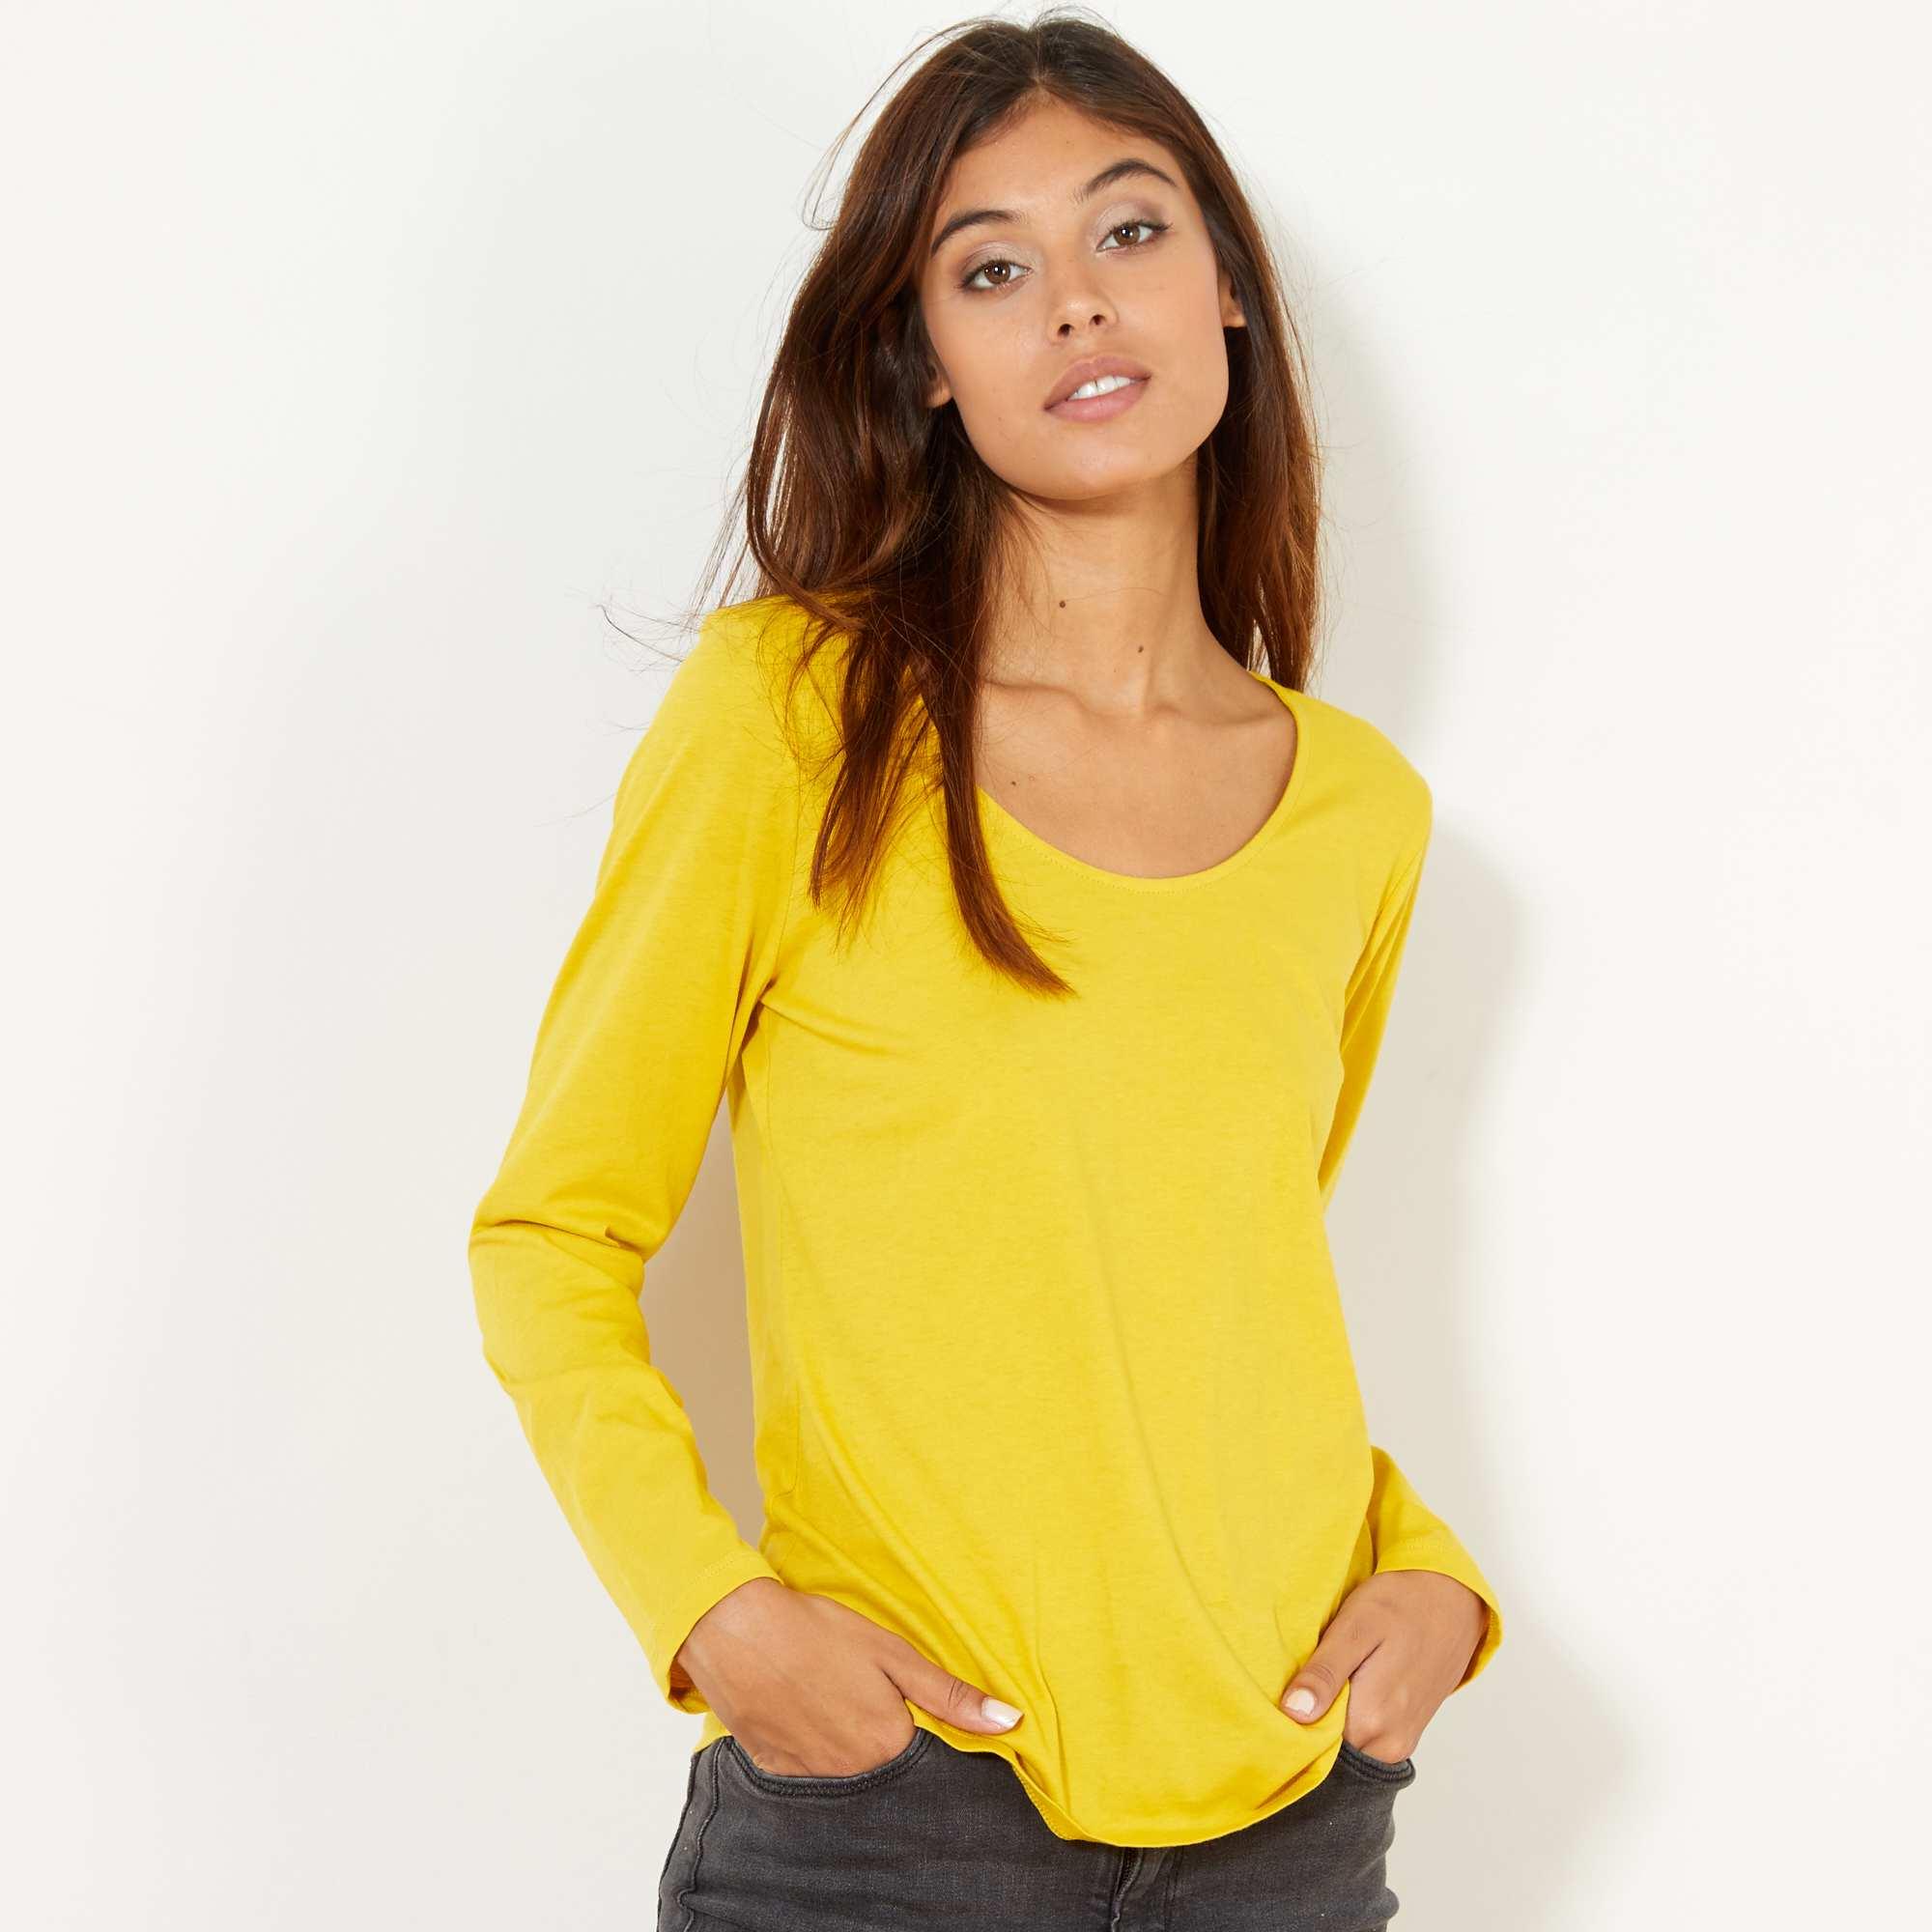 Couleur : gris clair, jaune cury, blanc,noir,bleu clair - Taille : L, M, XL,S,Un essentiel à petit prix, décliné dans de nombreux coloris ! - Tee-shirt en jersey